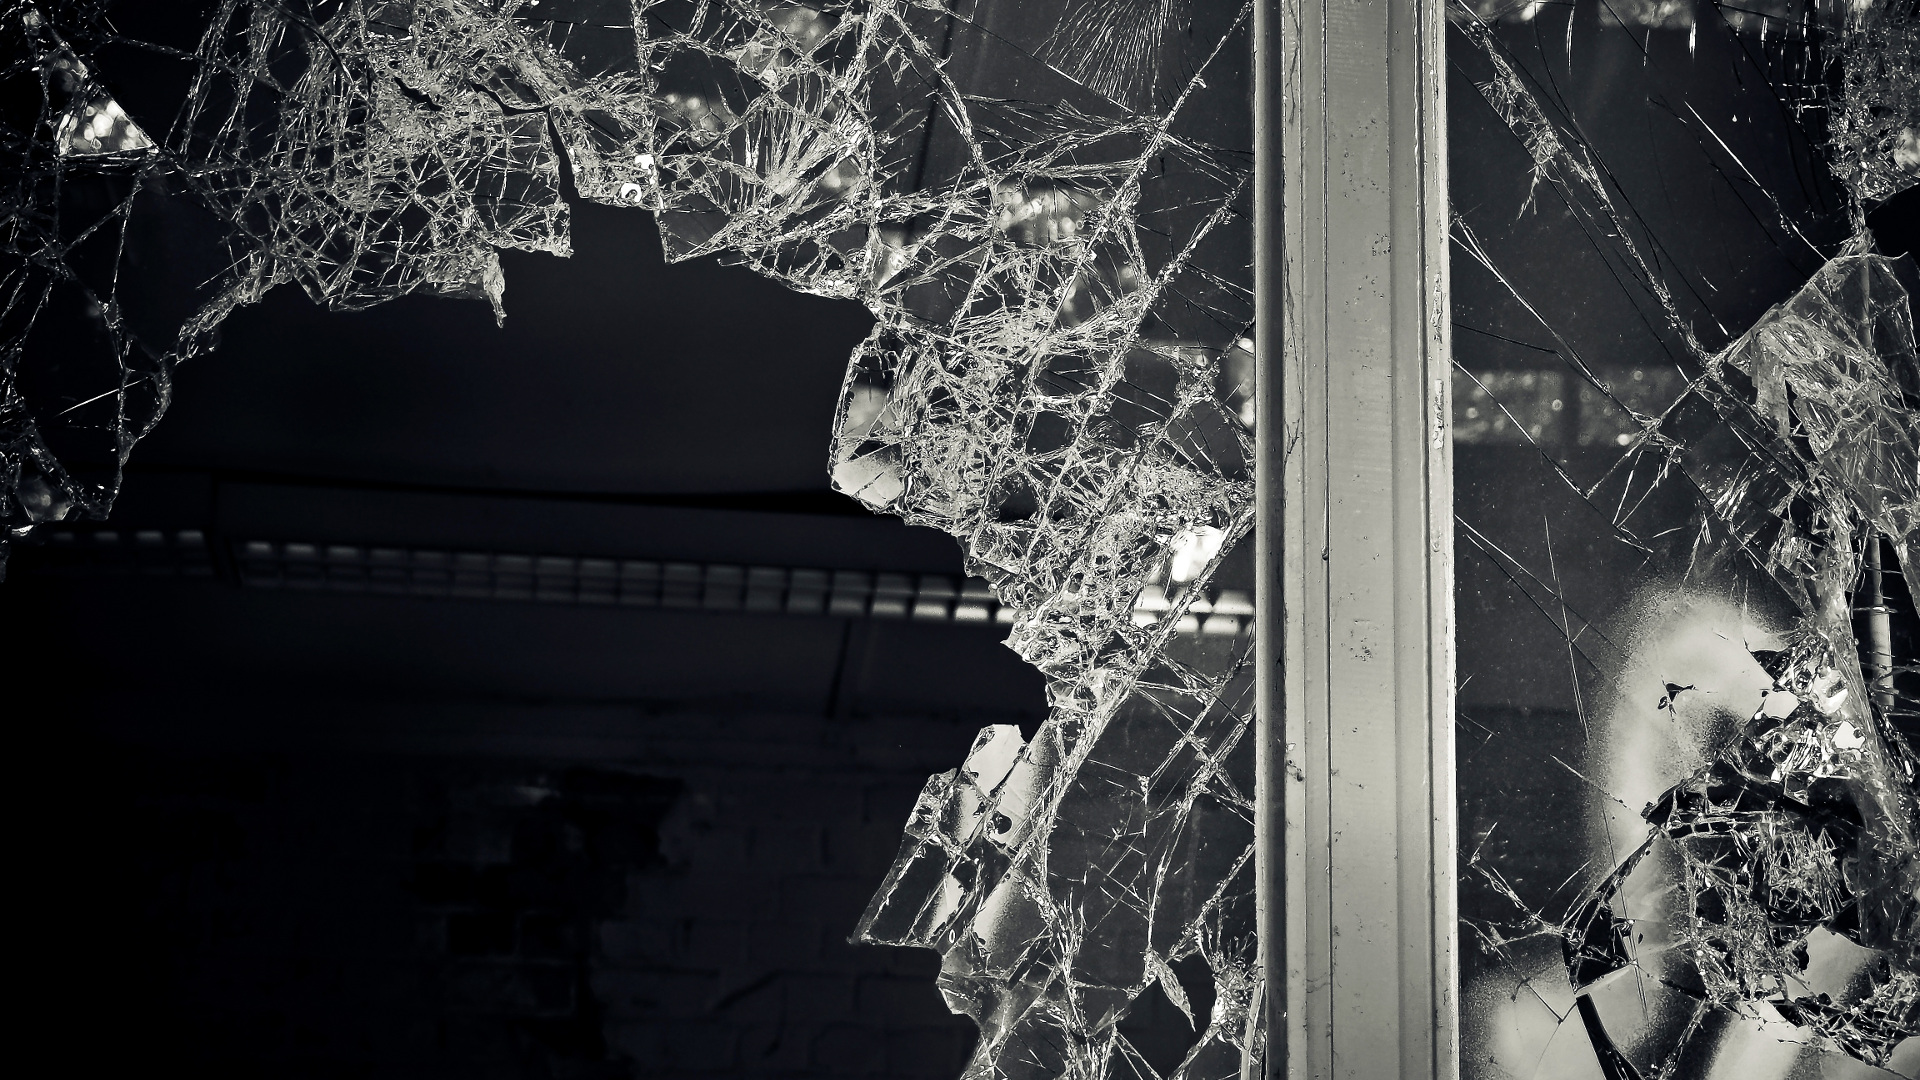 seguridad-ante-actos-vandalicos-con-laminas-solares-1920